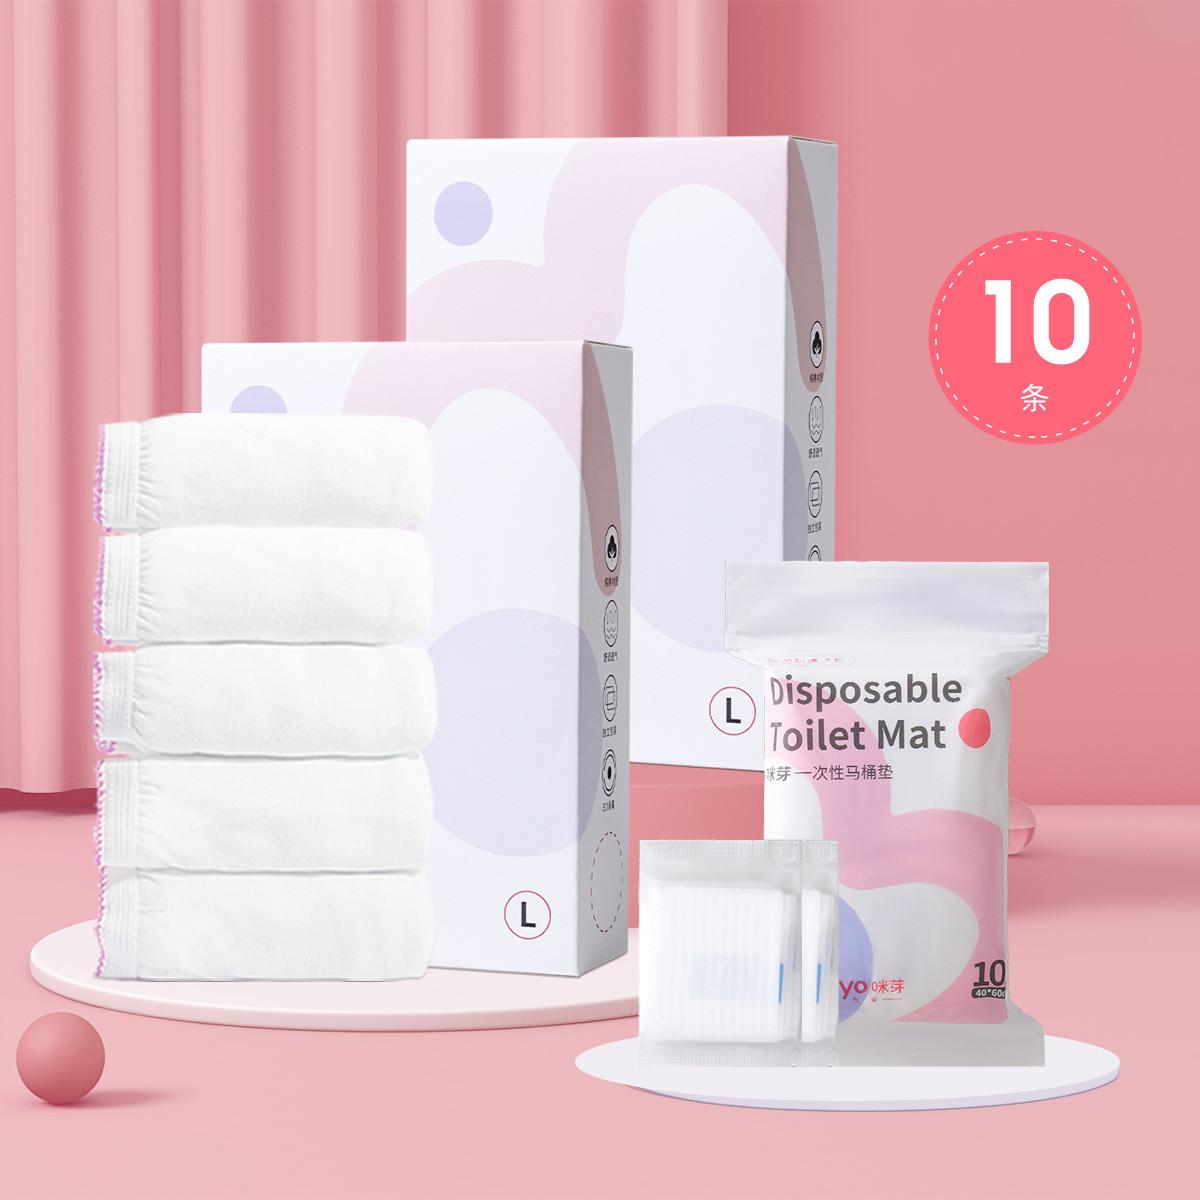 咪芽 【100%纯棉】一次性内裤10条装孕产妇待产后月子用品+10片马桶垫